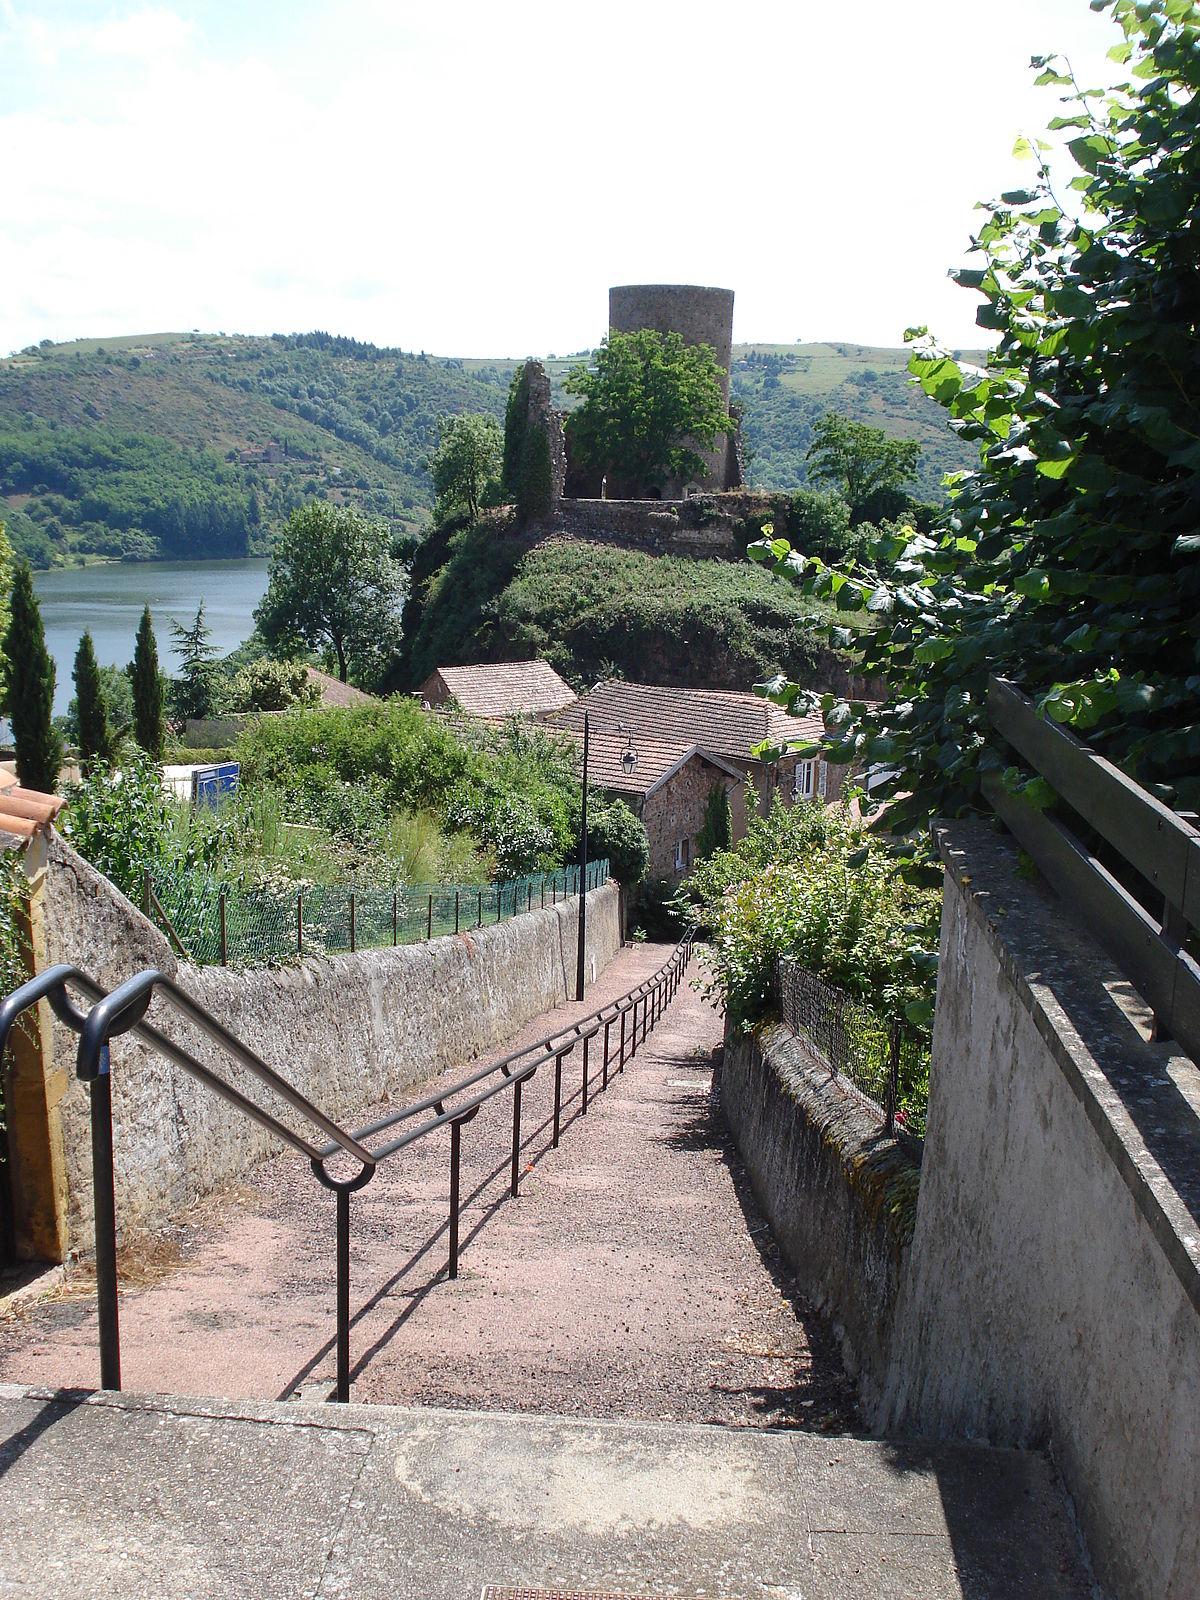 Pictures Of James R Black Picture 154517: Saint-Jean-Saint-Maurice-sur-Loire